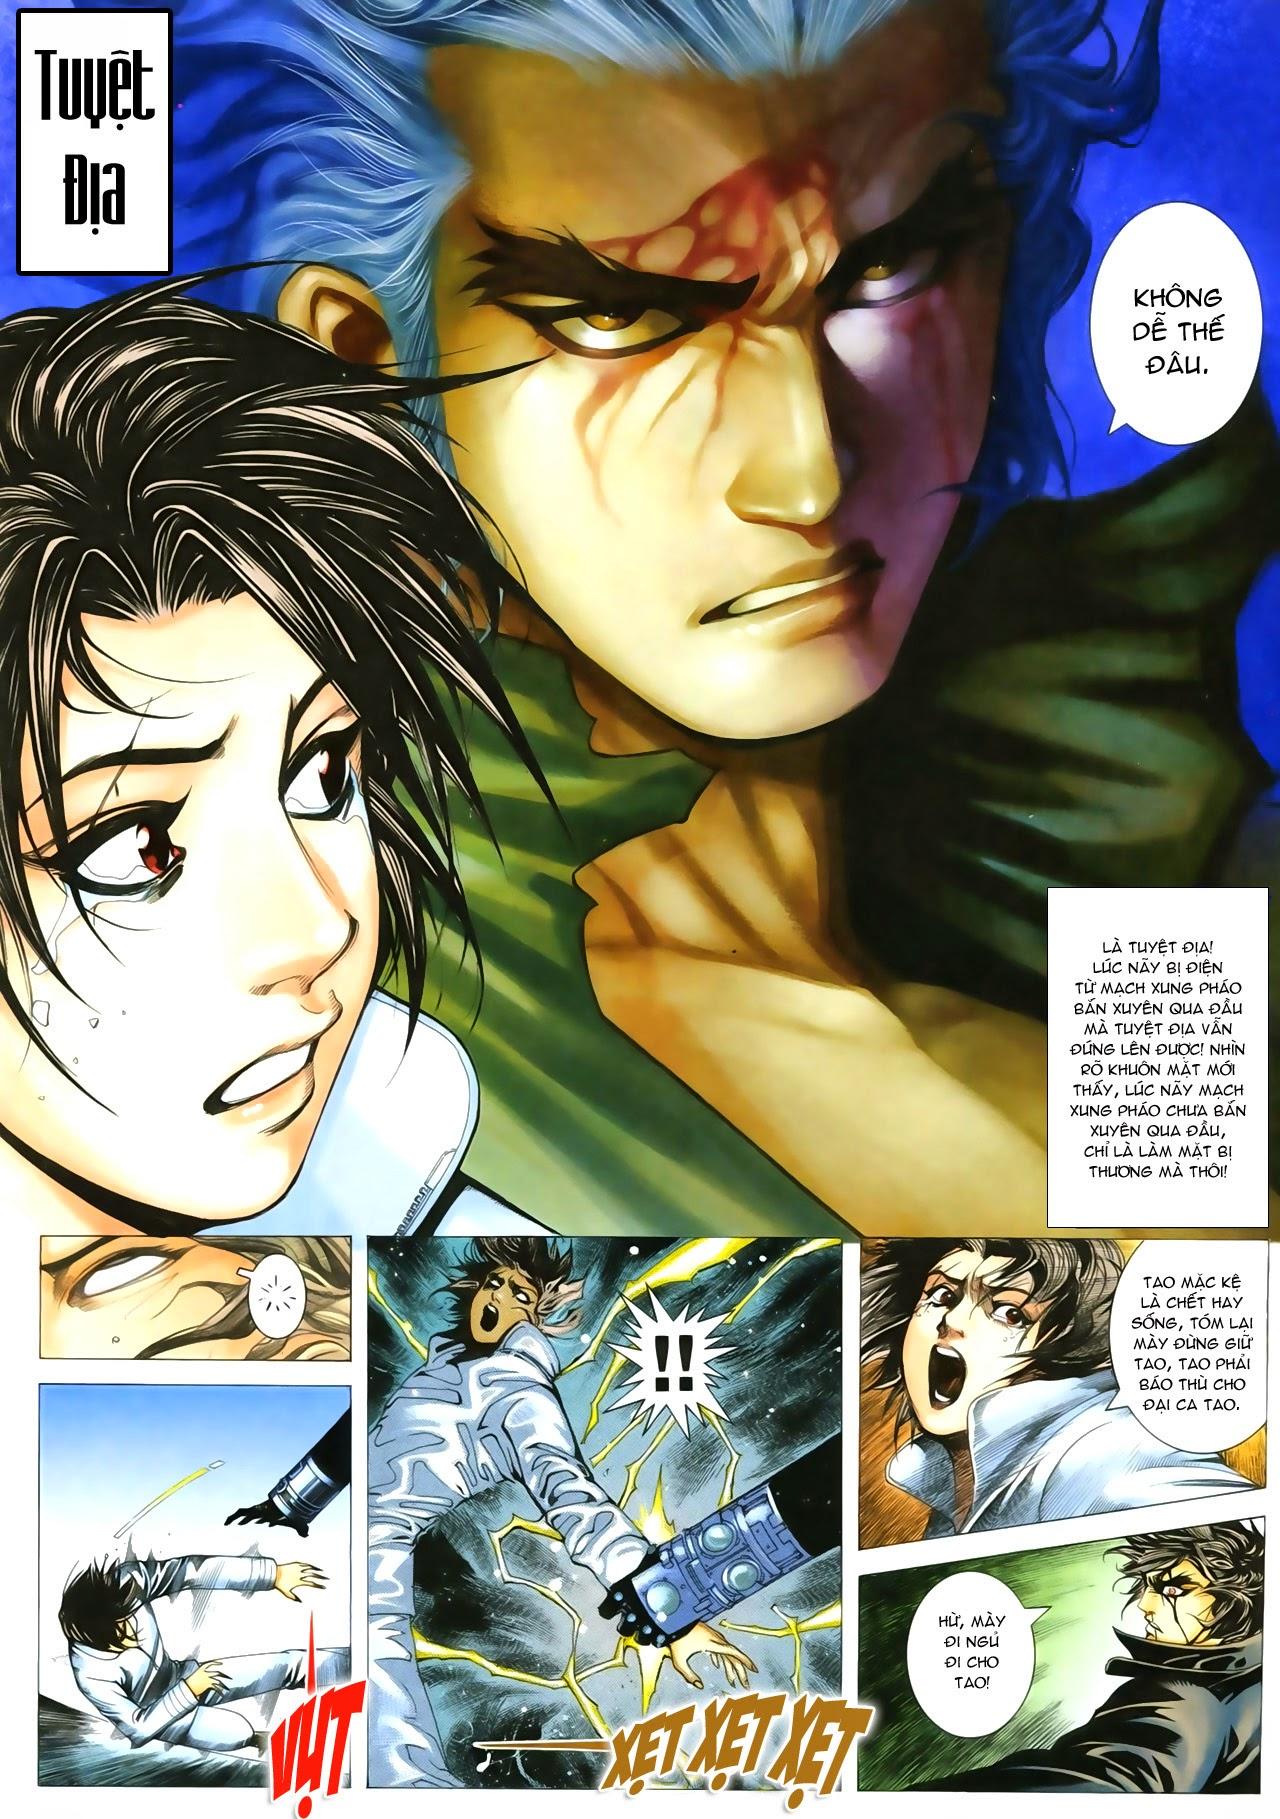 Tuyệt Địa Thiên Hành chap 8 Trang 14 - Mangak.info